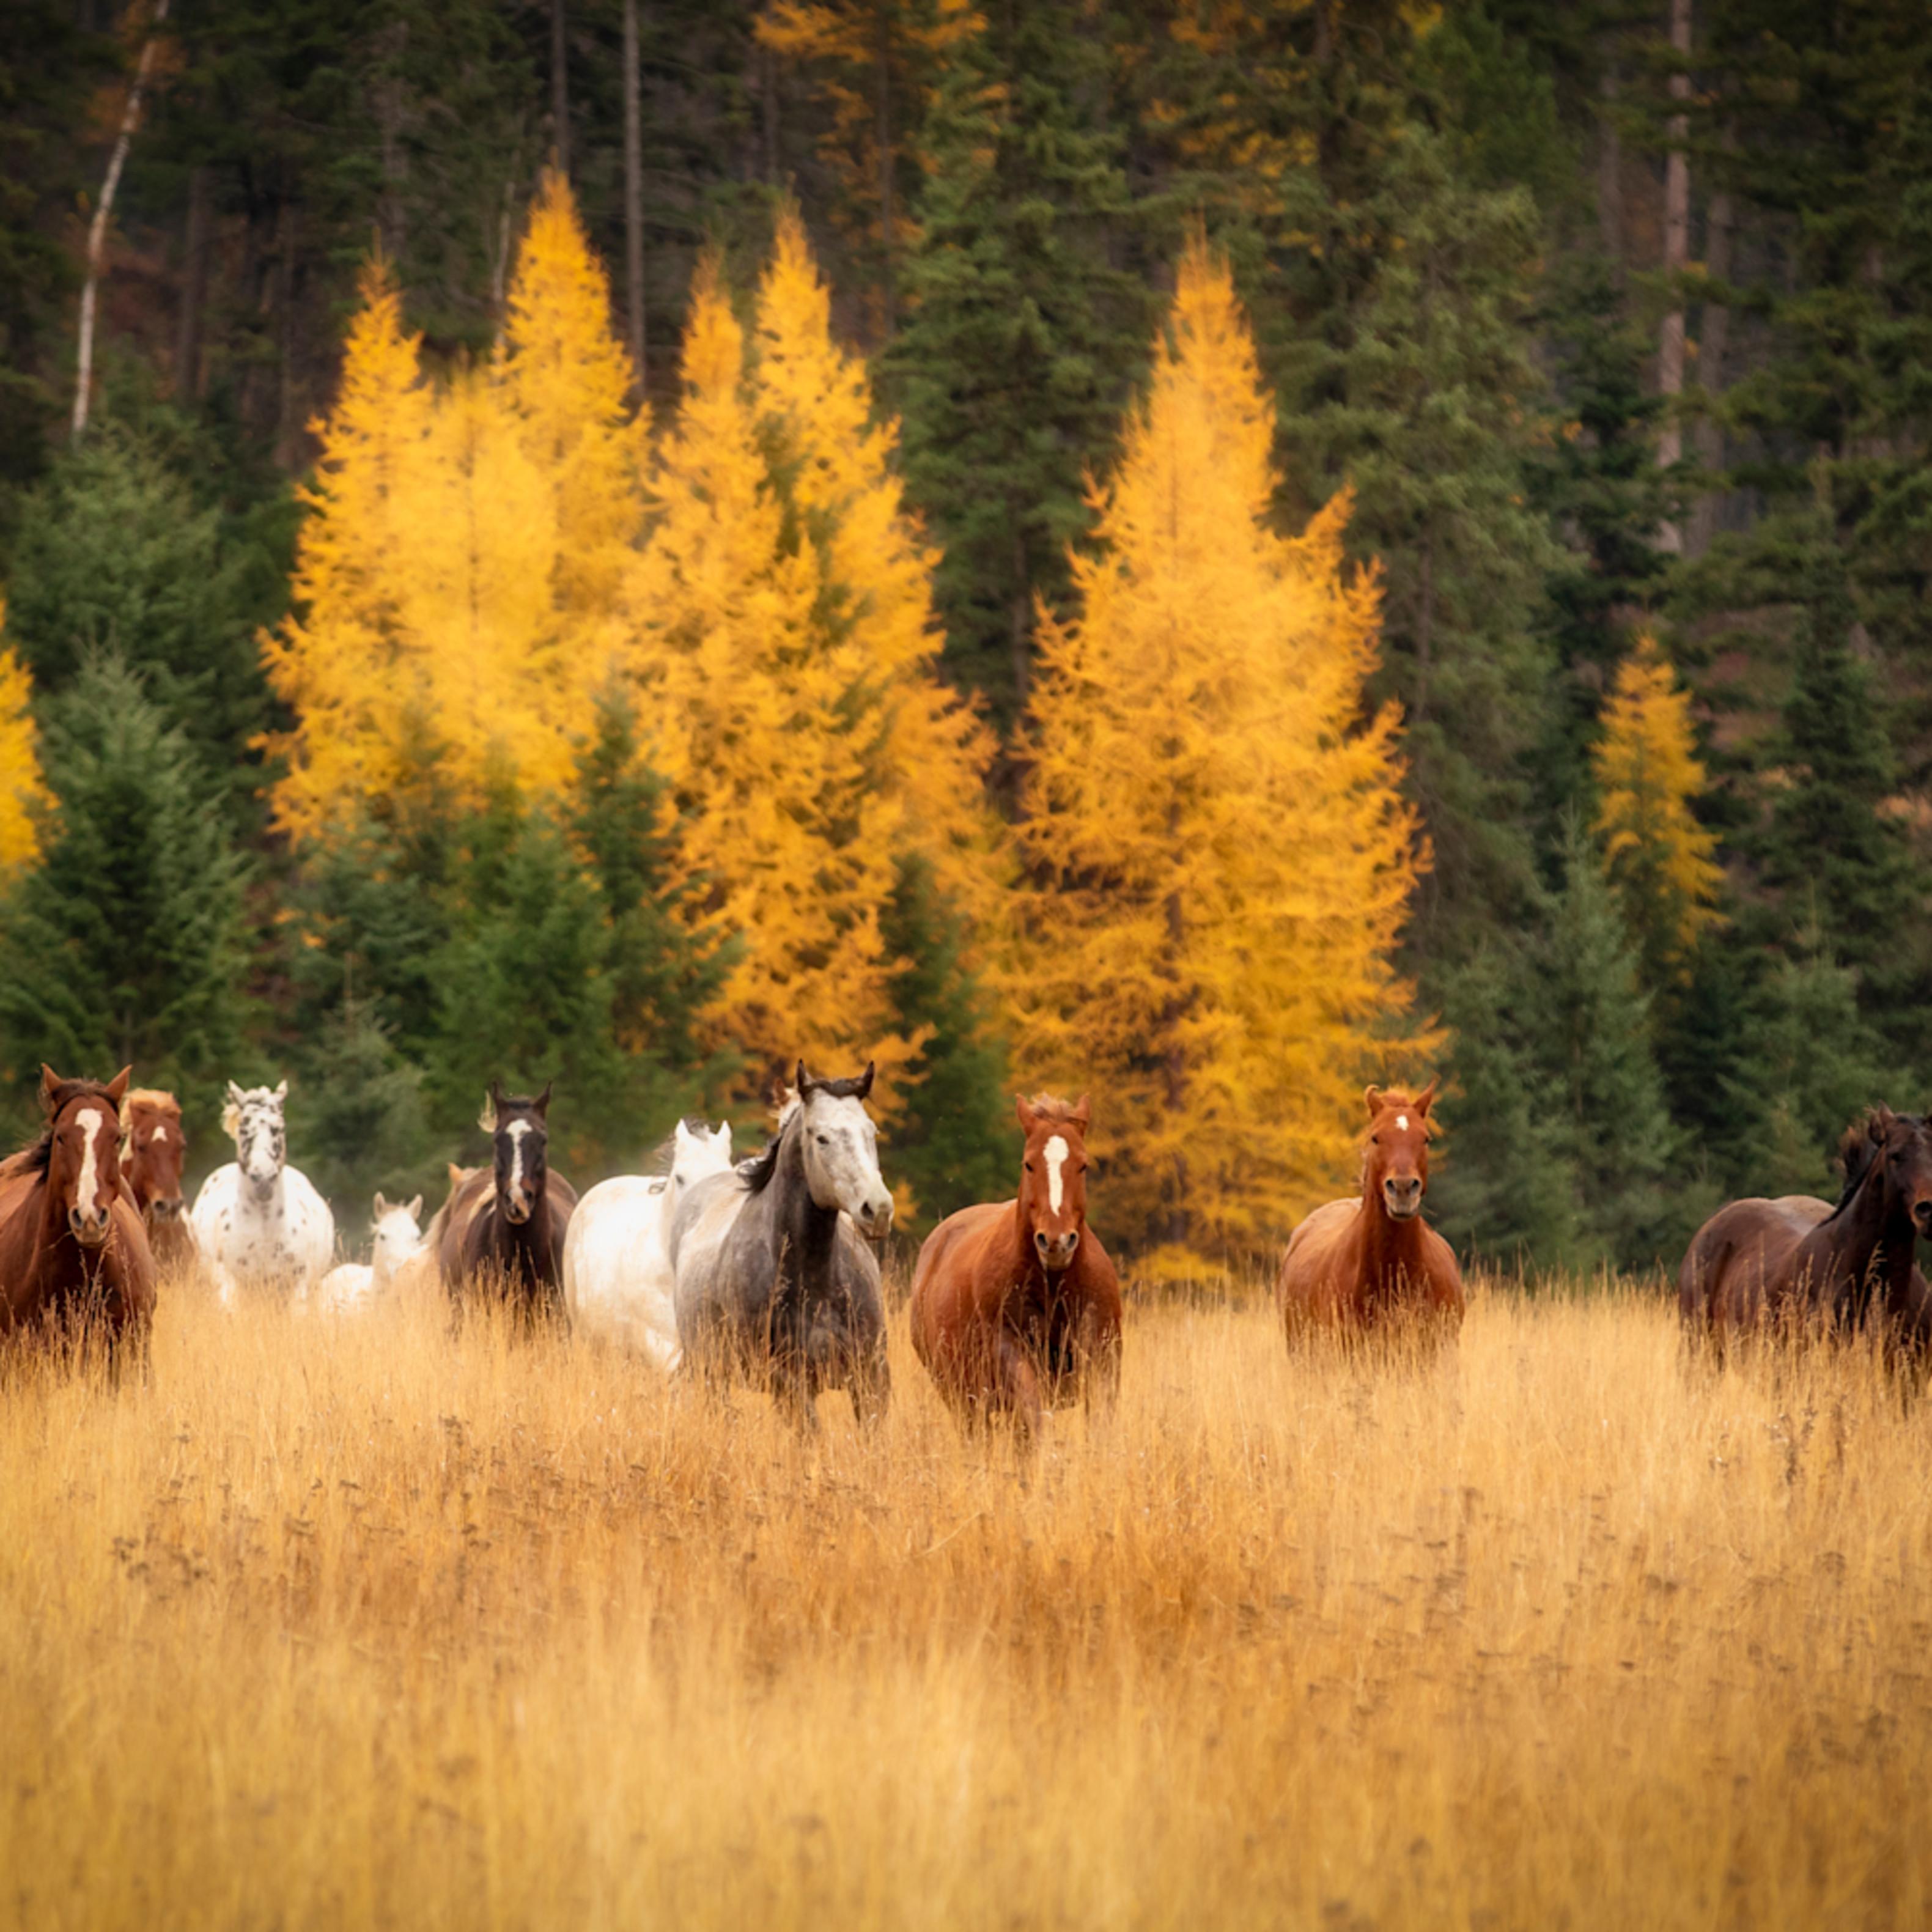 Running herd of horses 1 of 1 jx8ye3